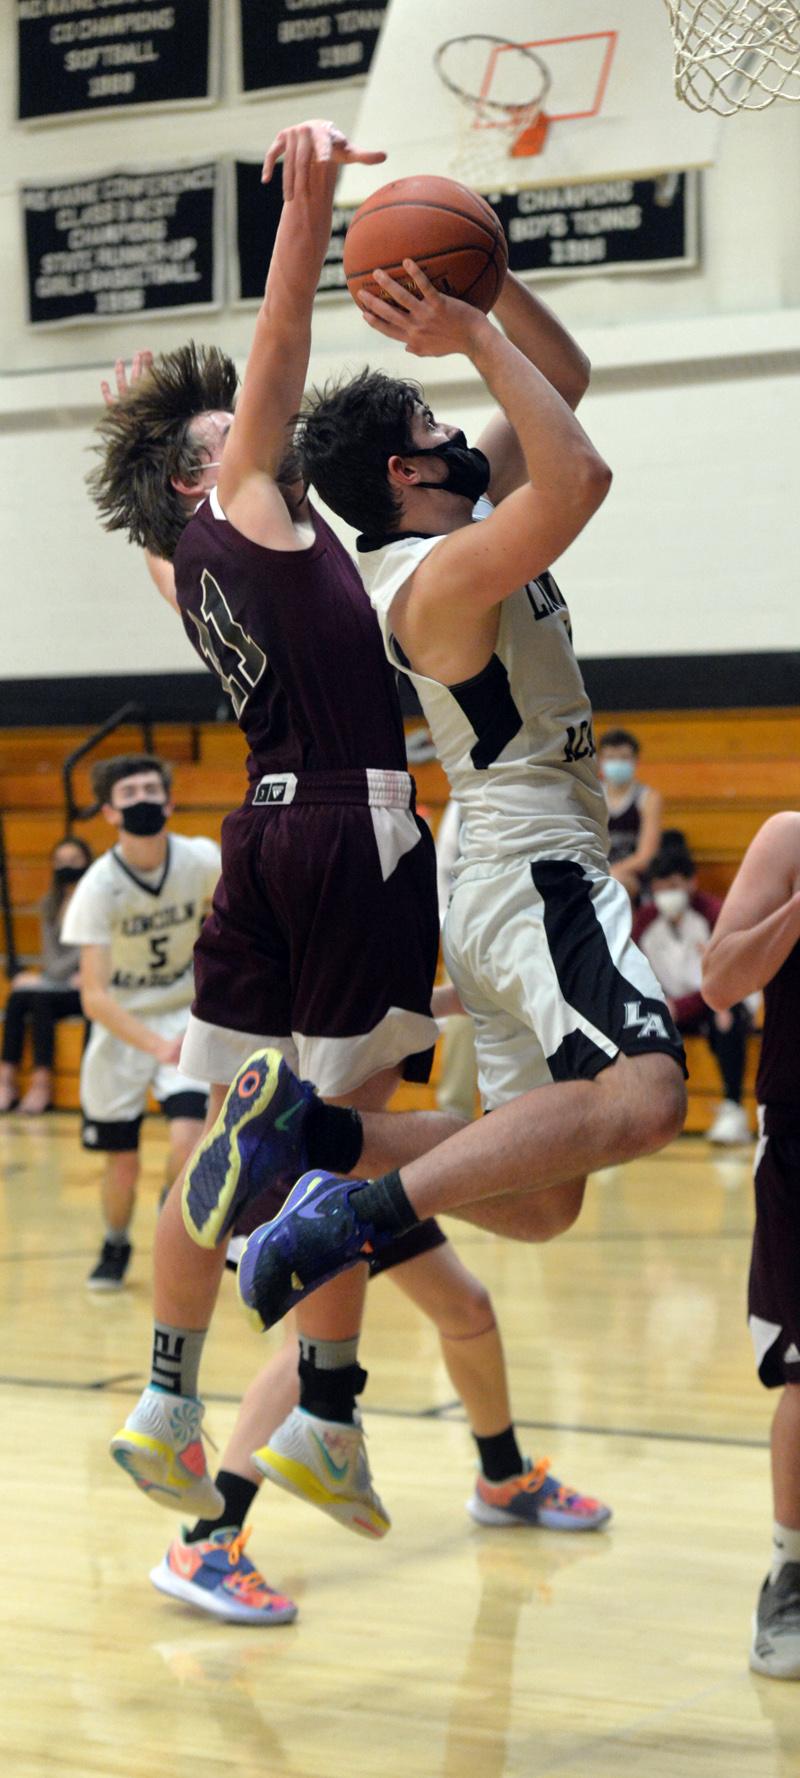 Richmond's Connor Vashon attempts to block Tucker Stiles' shot. (Paula Roberts photo)